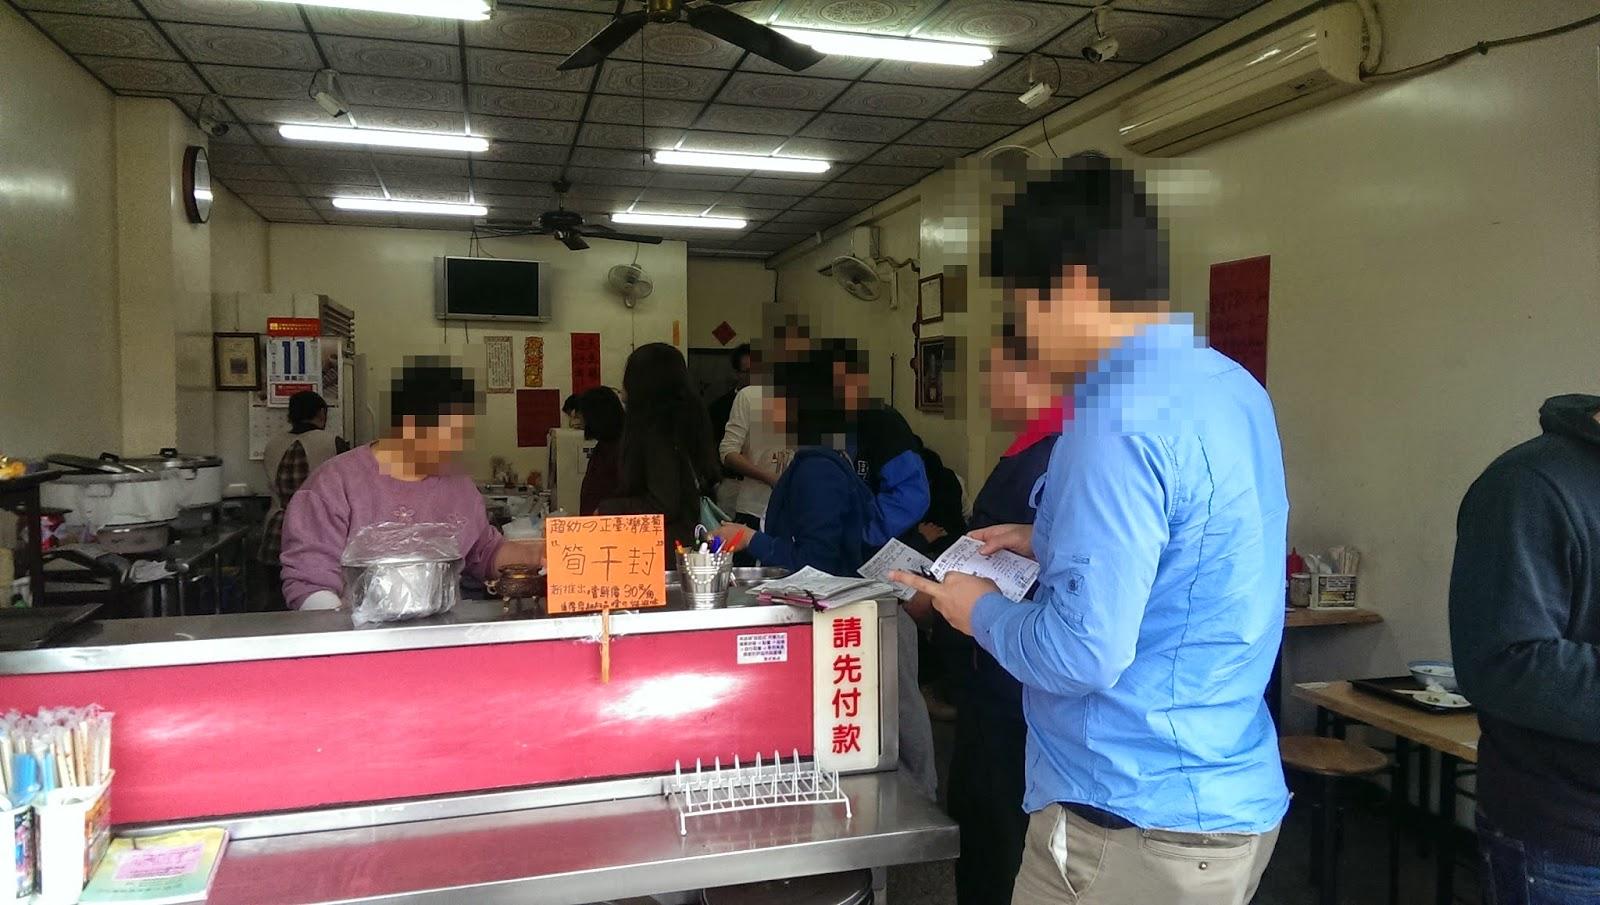 2015 02 11%2B11.50.57 - [食記] 微笑火雞肉飯 - 民雄出名的雞肉飯,自由時報曾評為嘉義雞肉飯第一!